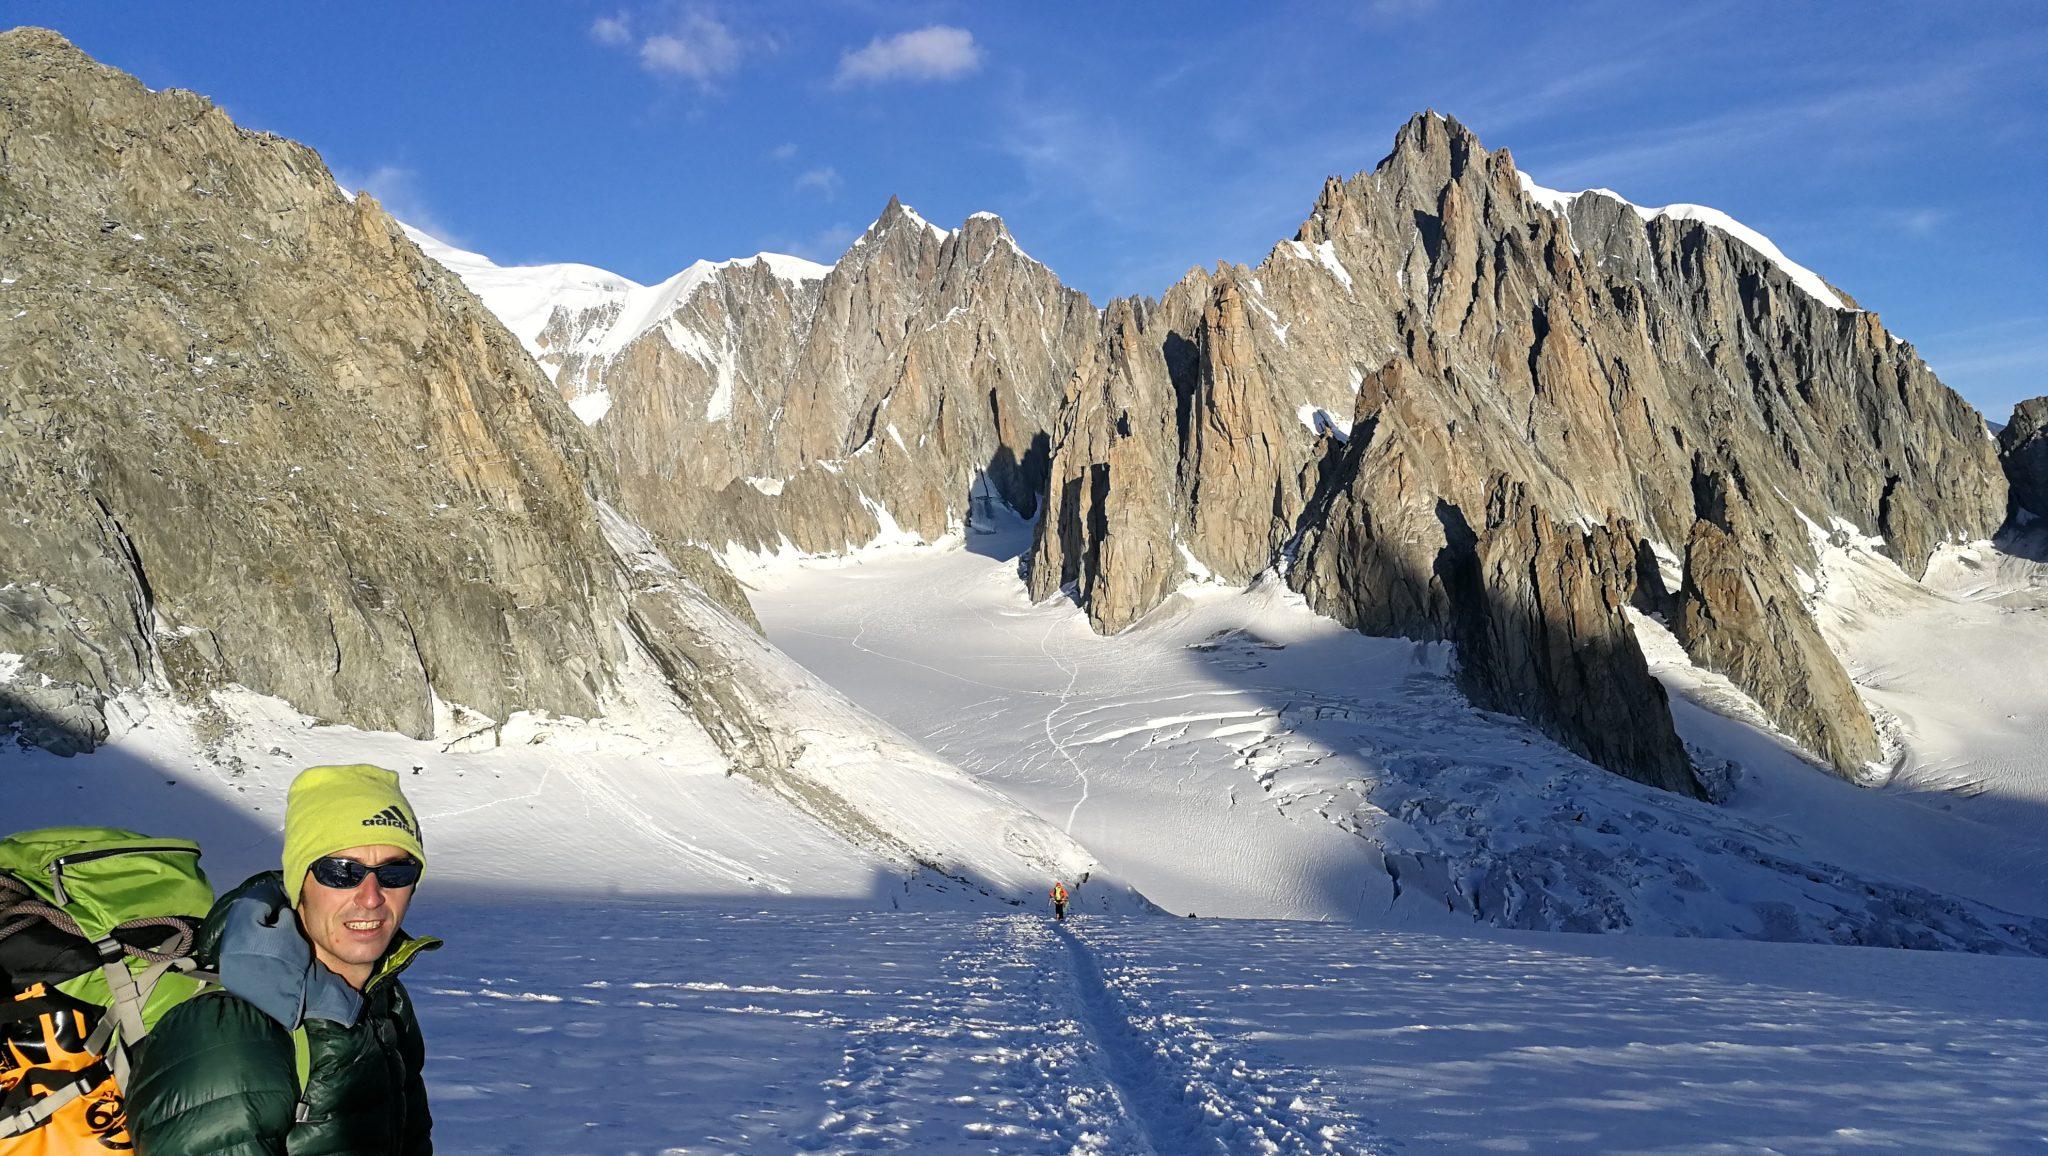 Il paradiso della scalata in quota: il circo dei satelliti del Tacul